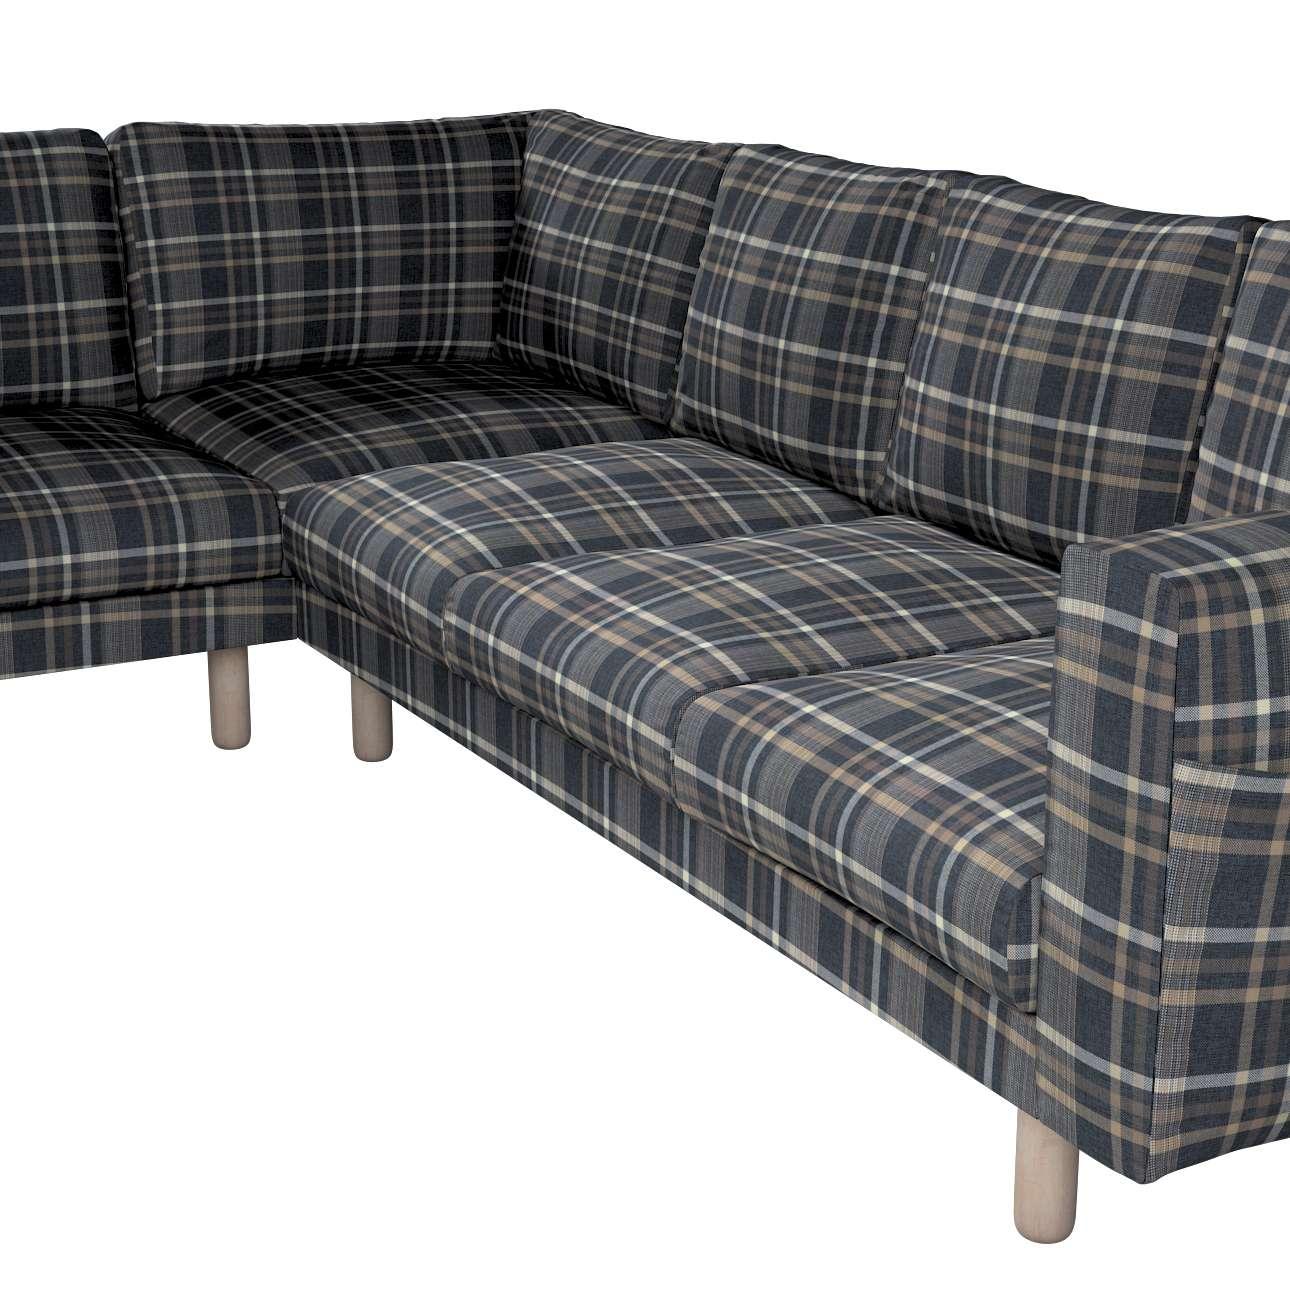 Pokrowiec na sofę narożną Norsborg 5-osobową w kolekcji Edinburgh, tkanina: 703-16